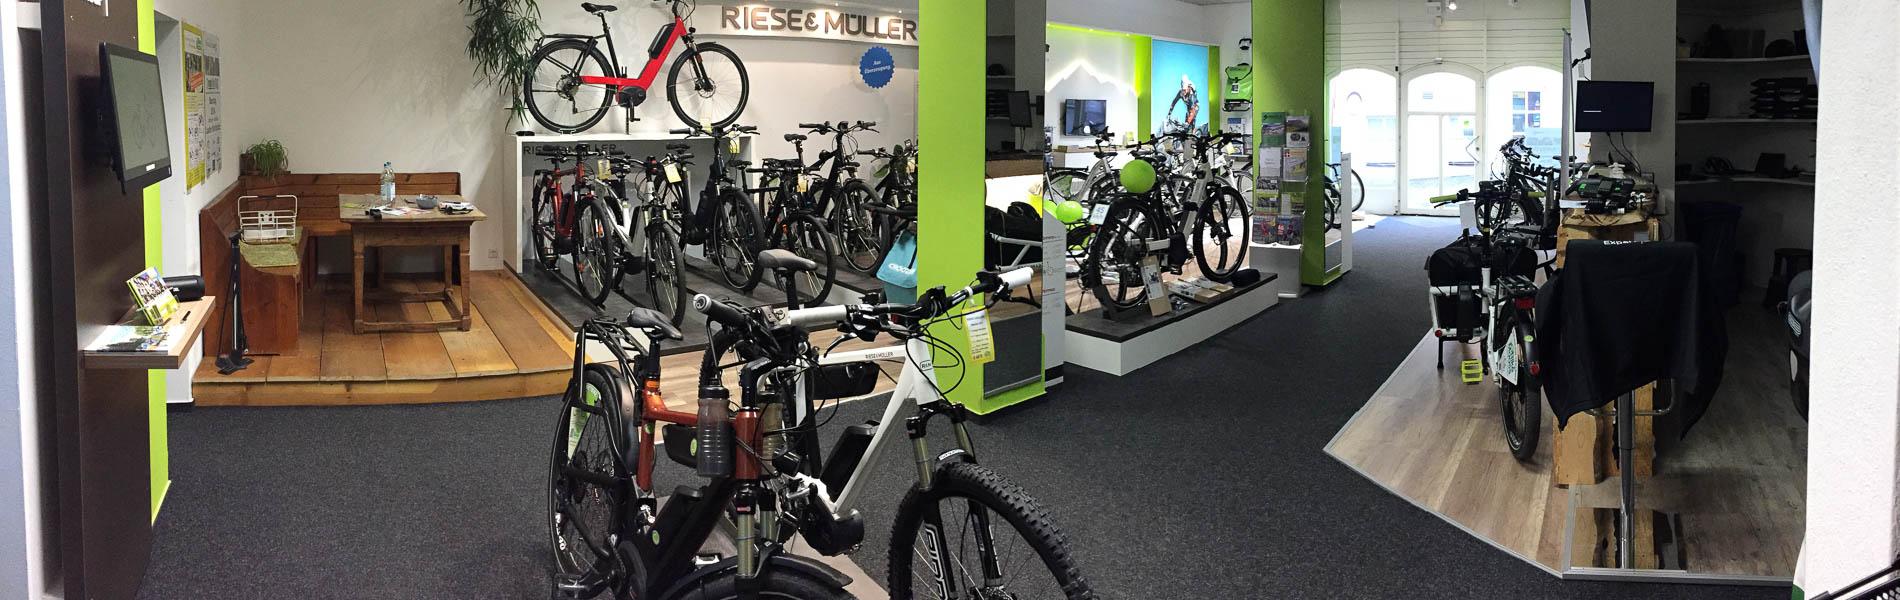 ebike Maass Fahrradfachhaendler - 1